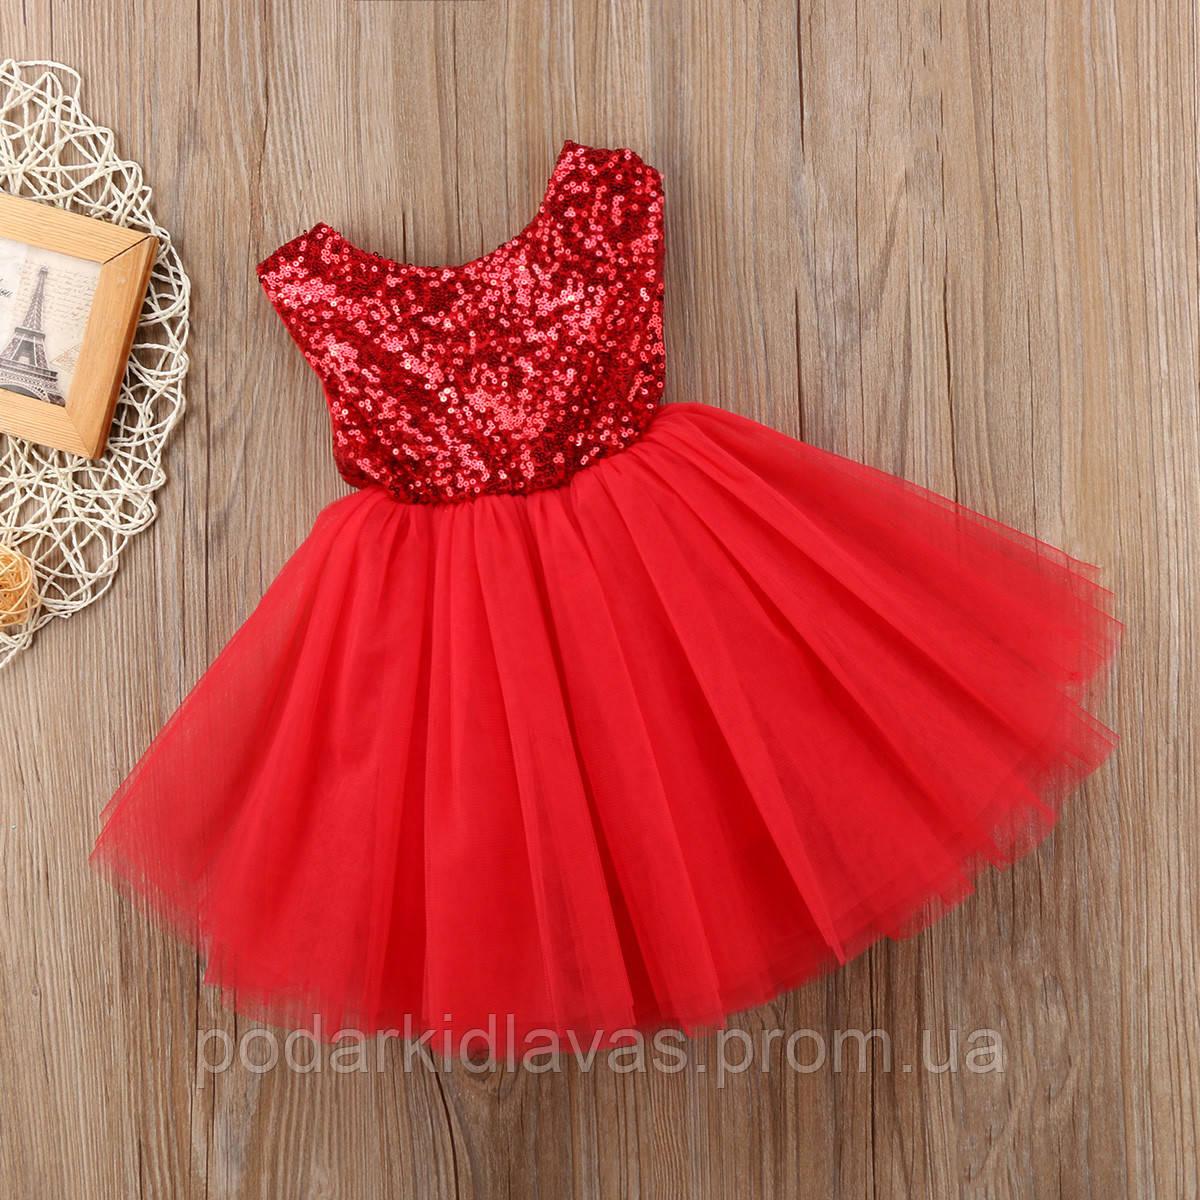 85f0ea4f673 Красное нарядное пышное платье с пайетками 110 - Present SHOP Новинки  сезона. Модные штучки.